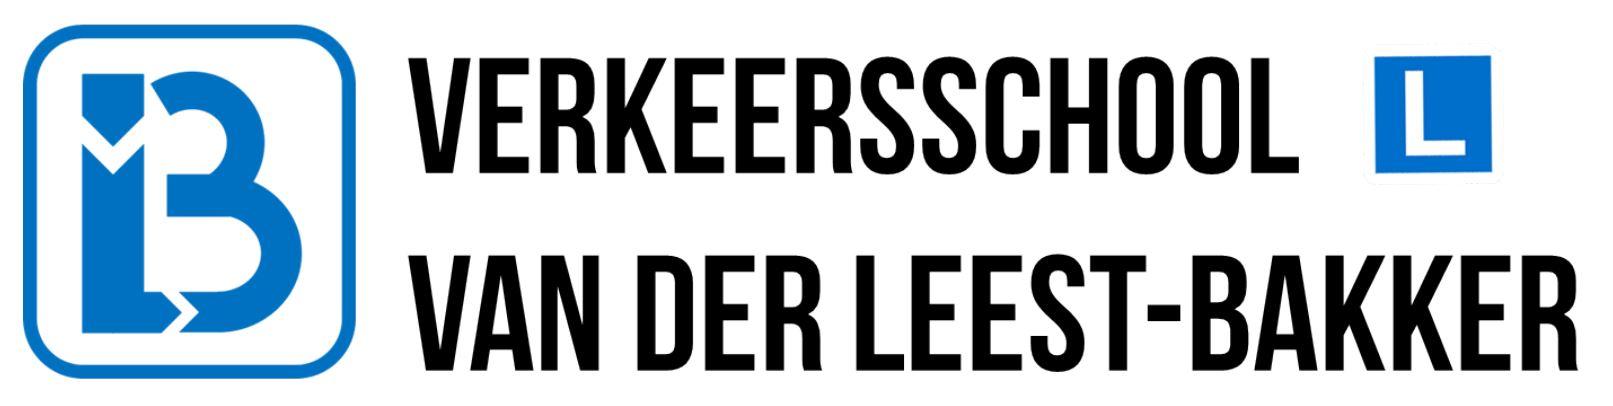 Verkeersschool Van der Leest en Bakker